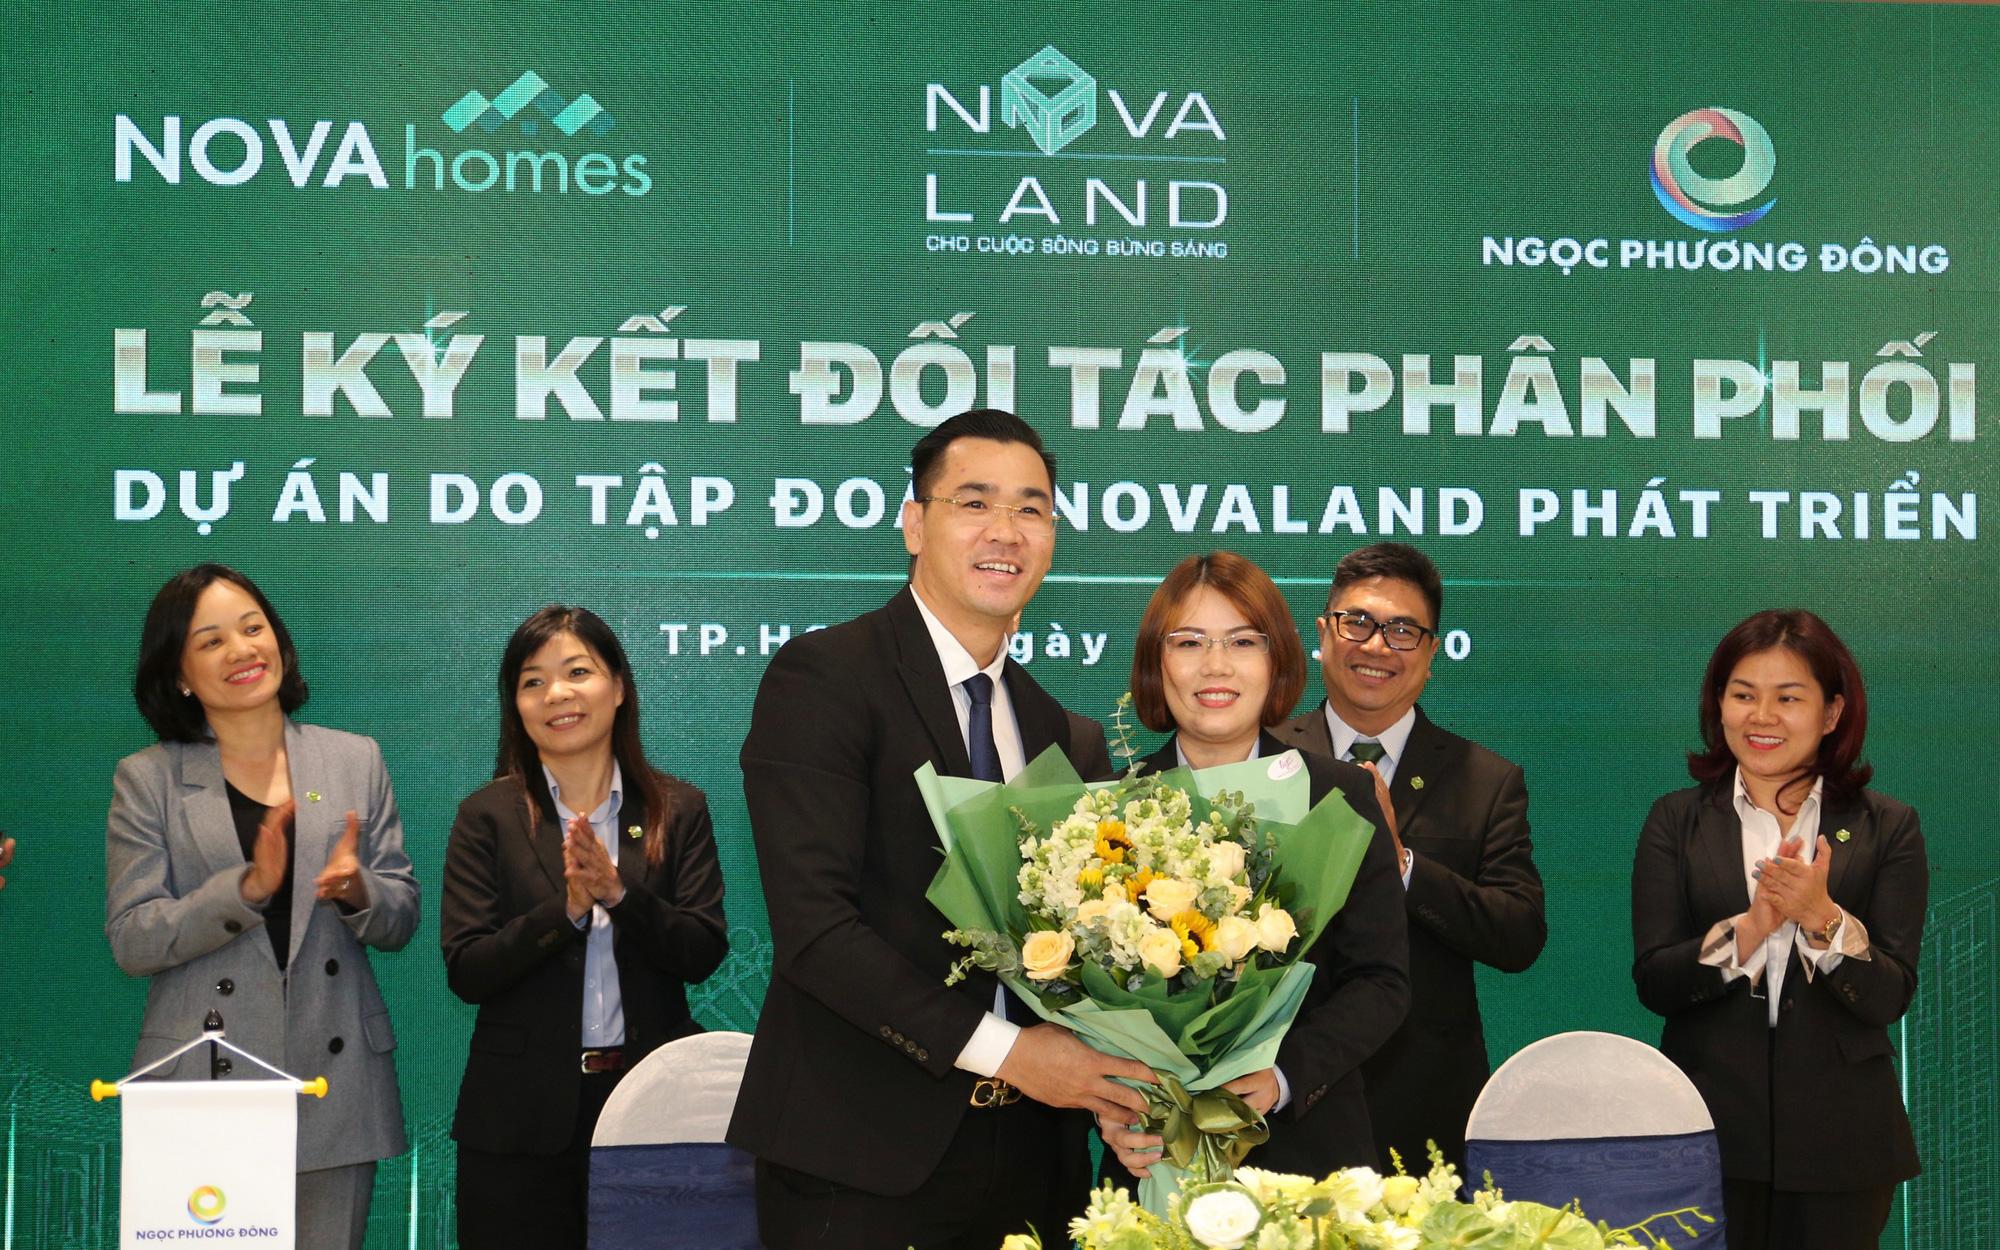 Tập đoàn Novaland hợp tác phân phối BĐS với nhiều đối tác